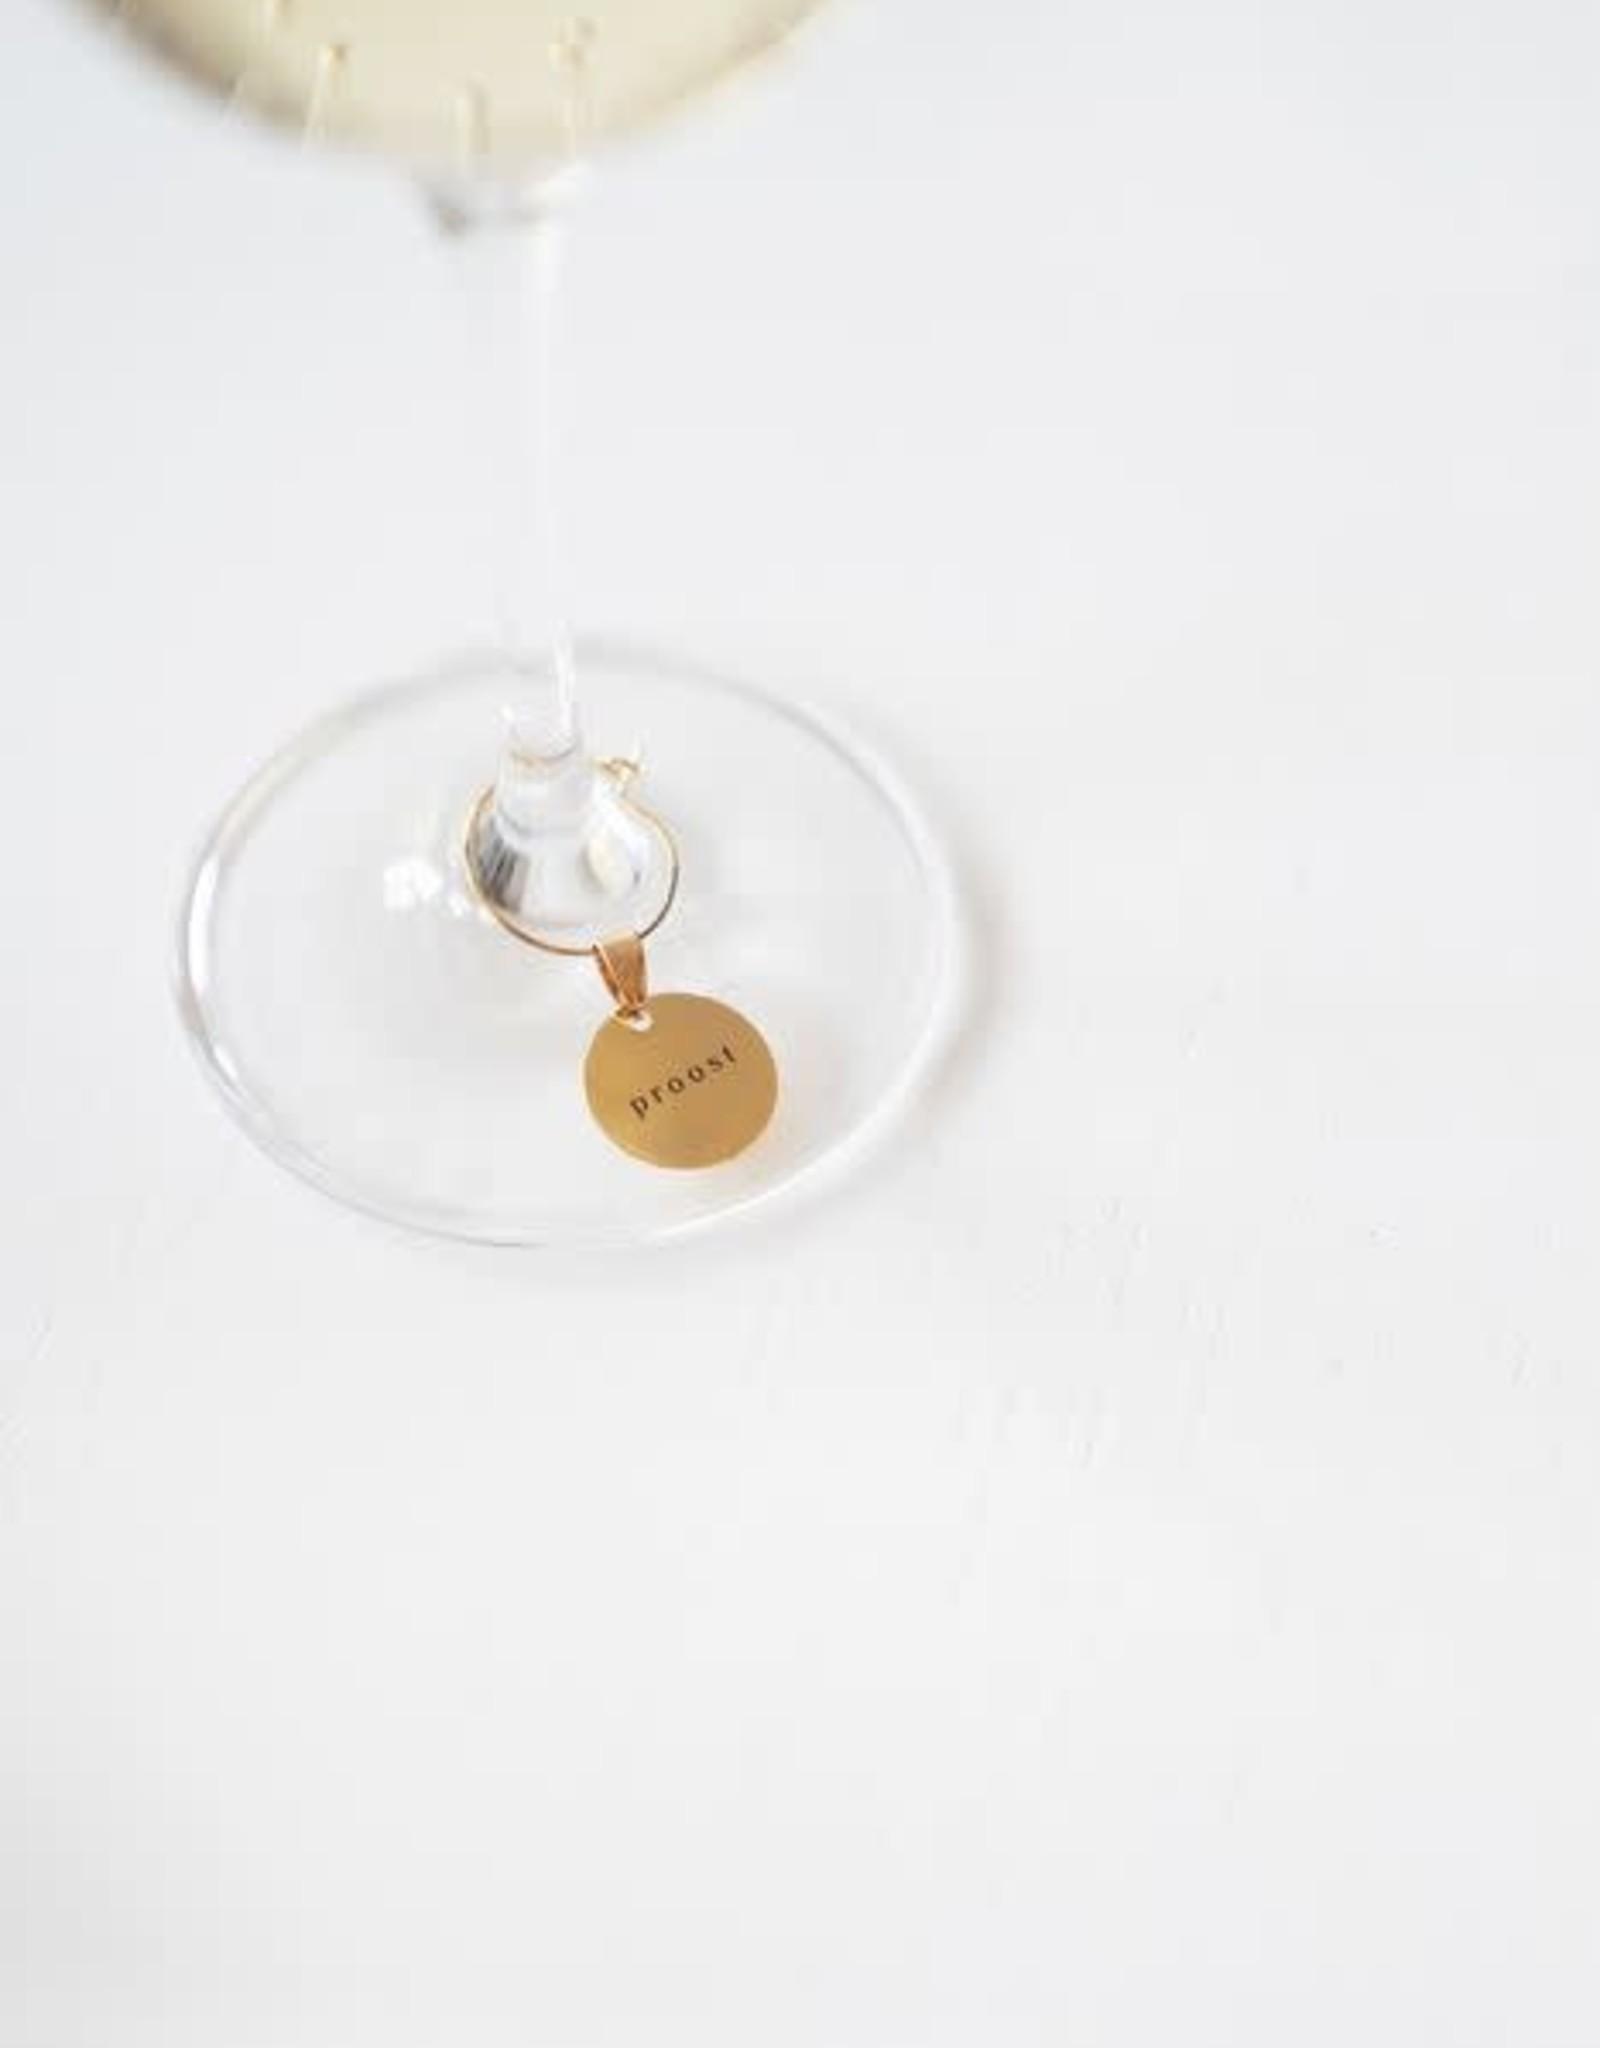 Zusss Zusss - Set van 6 wijnglas hanger metaal